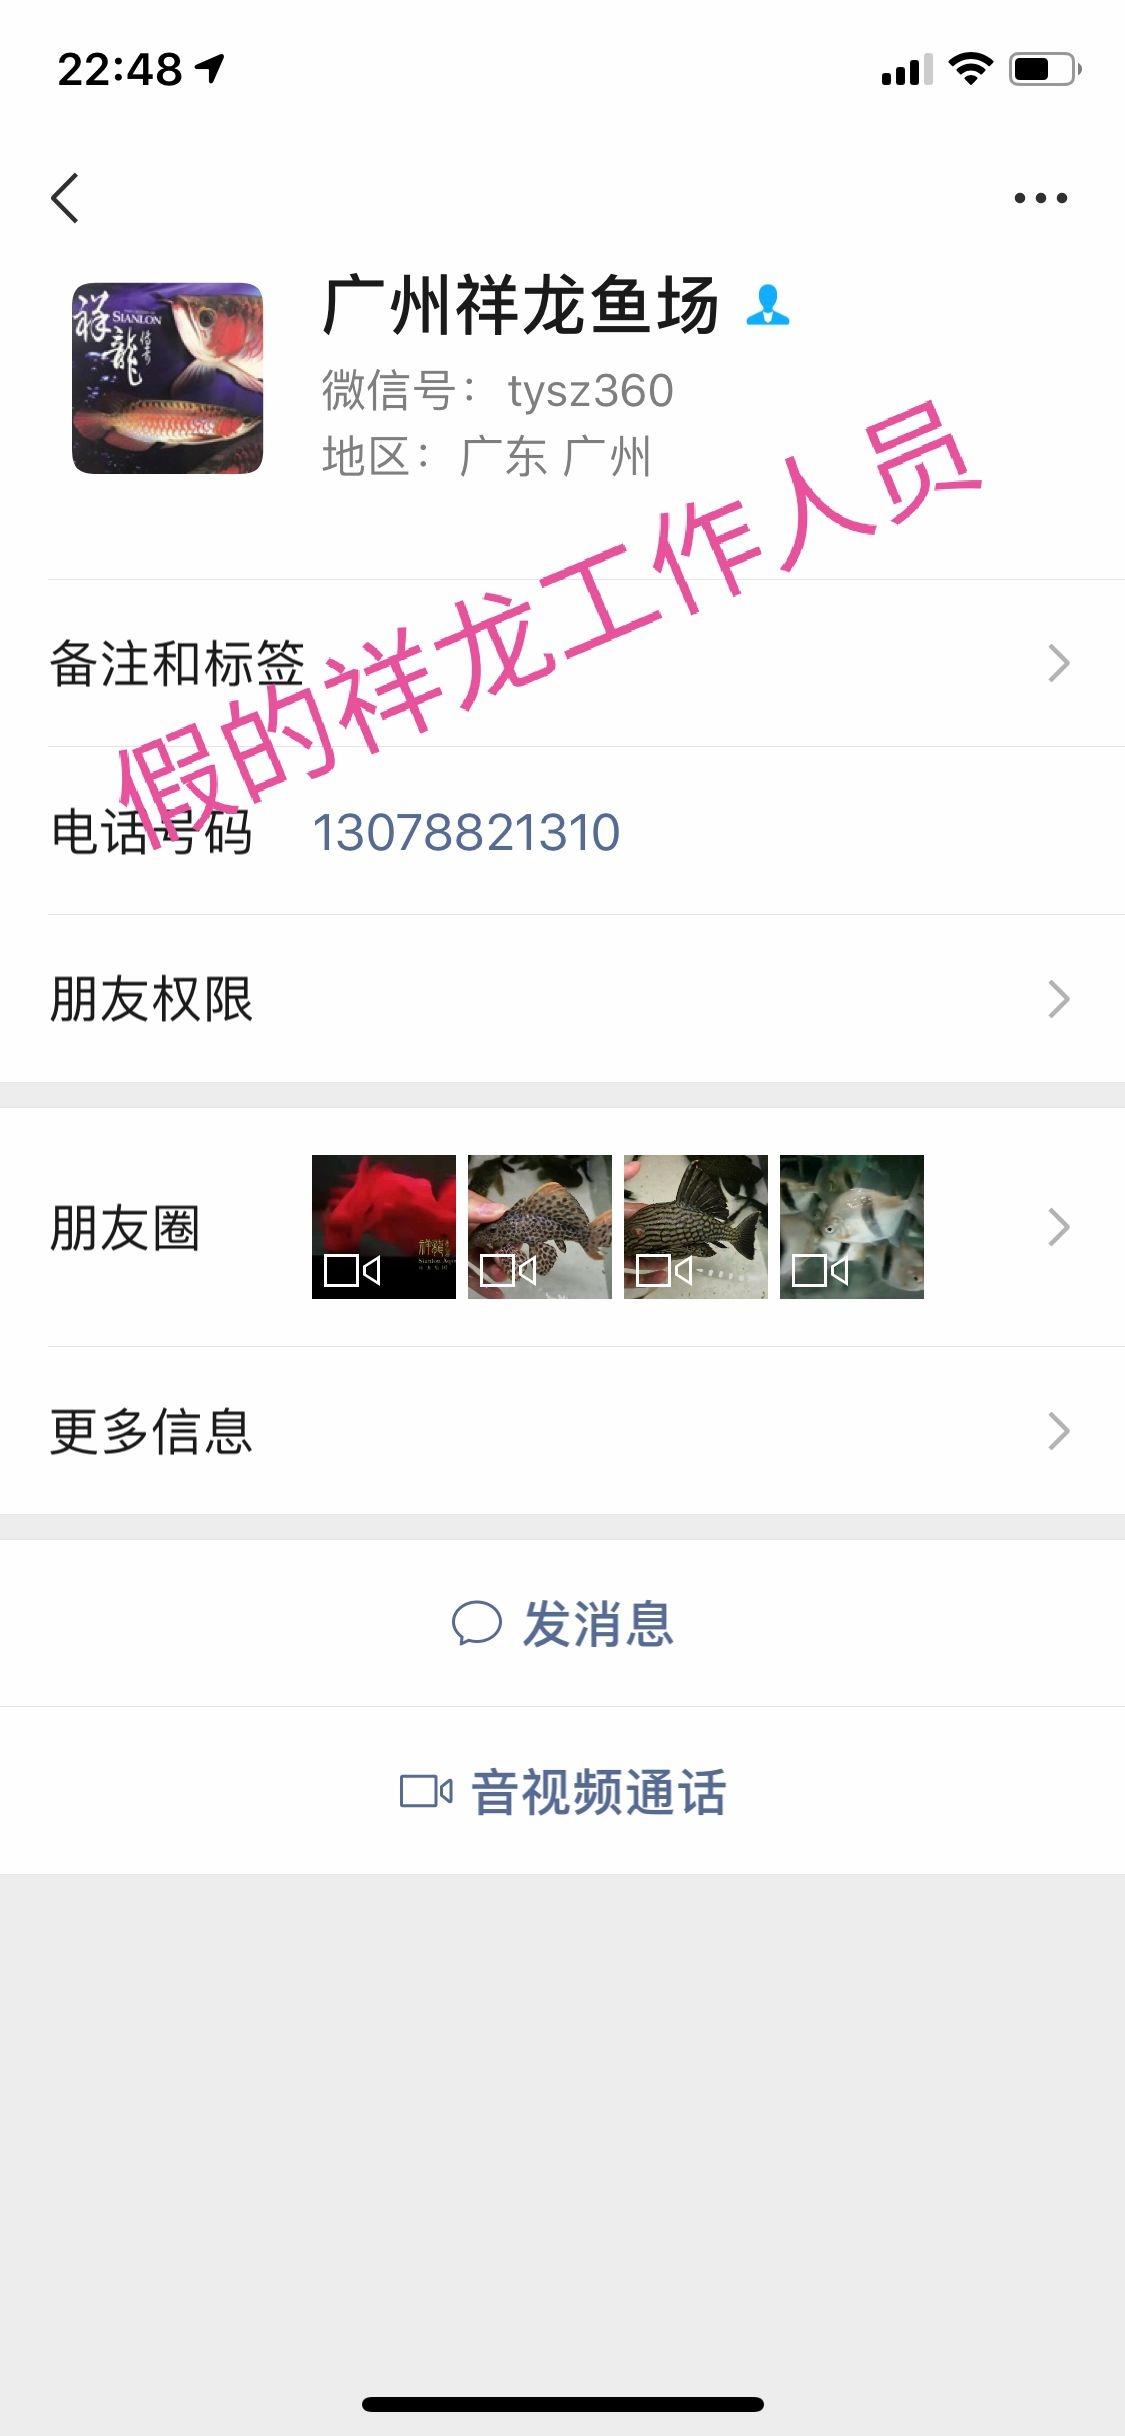 北京非洲虎鱼鱼友请留意下 北京观赏鱼 北京龙鱼第1张